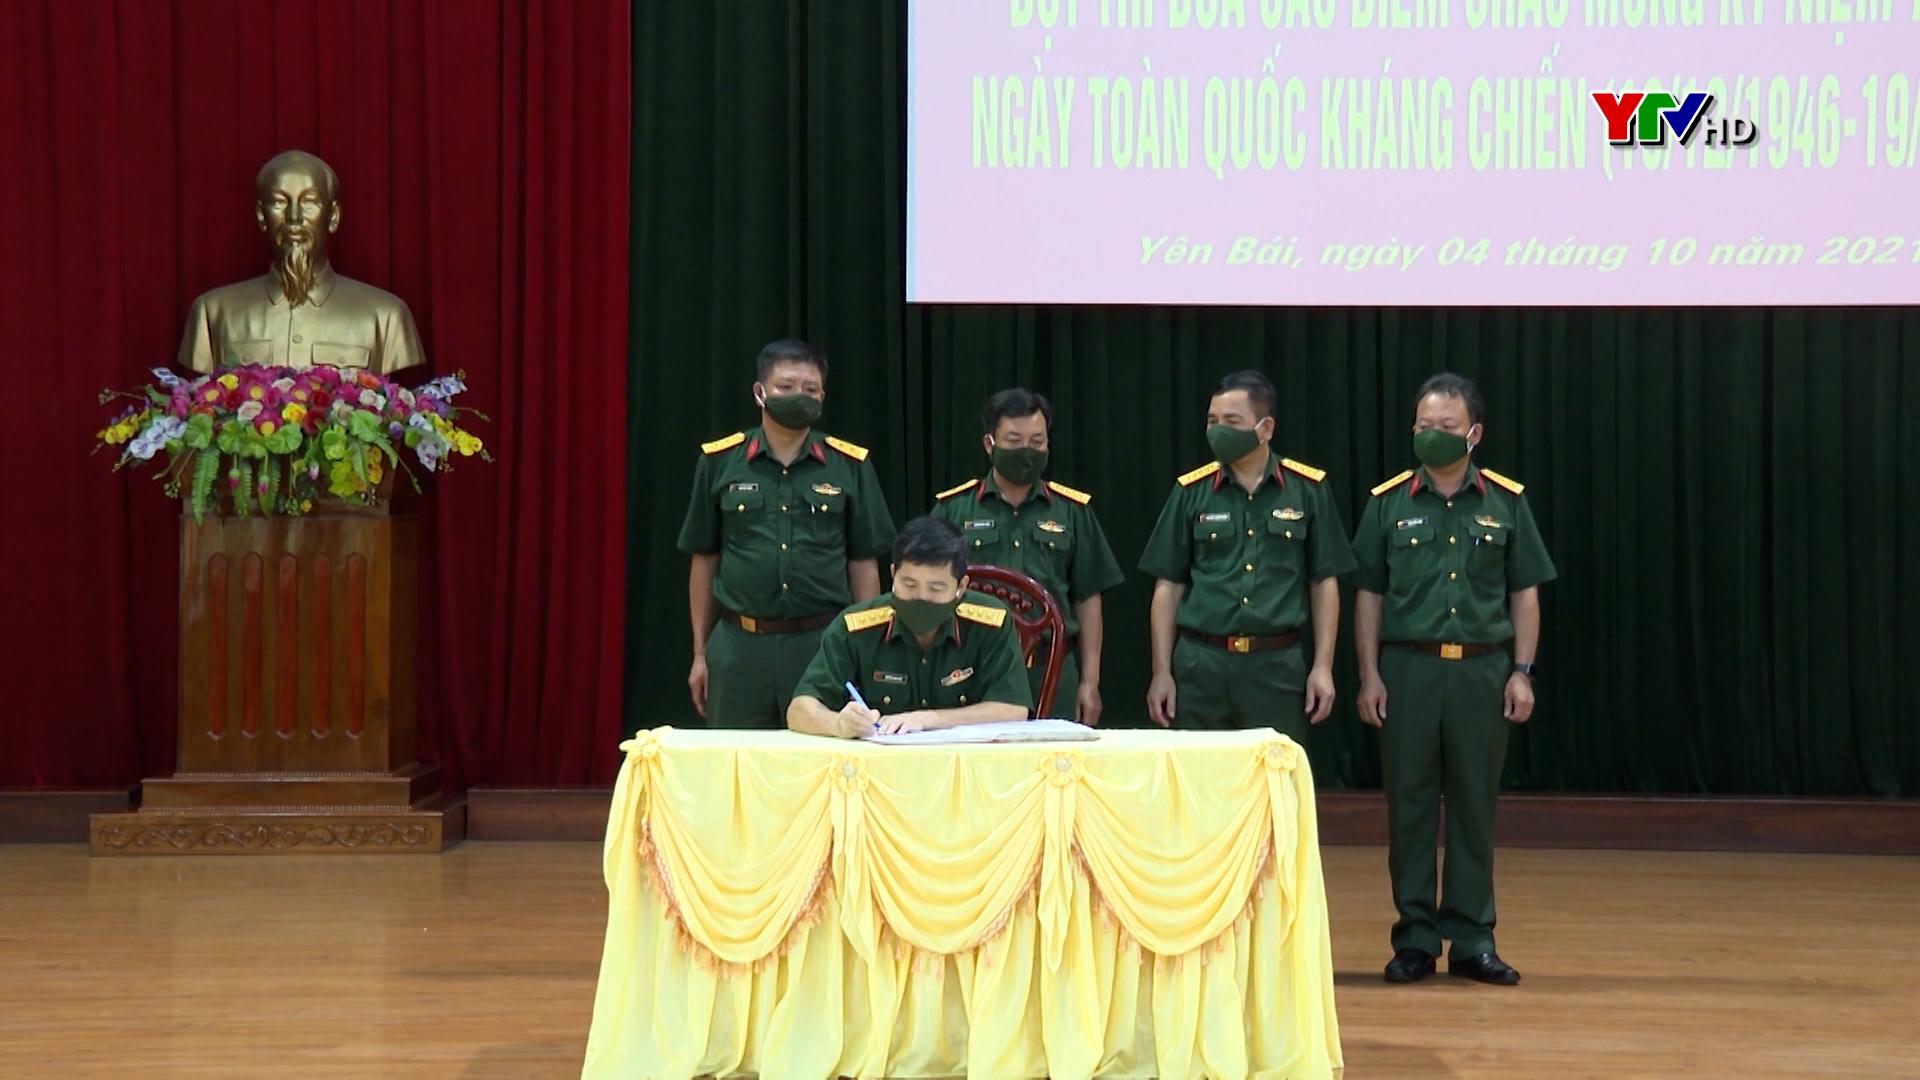 Bộ CHQS tỉnh phát động đợt thi đua cao điểm chào mừng kỷ niệm 75 năm Ngày toàn quốc kháng chiến